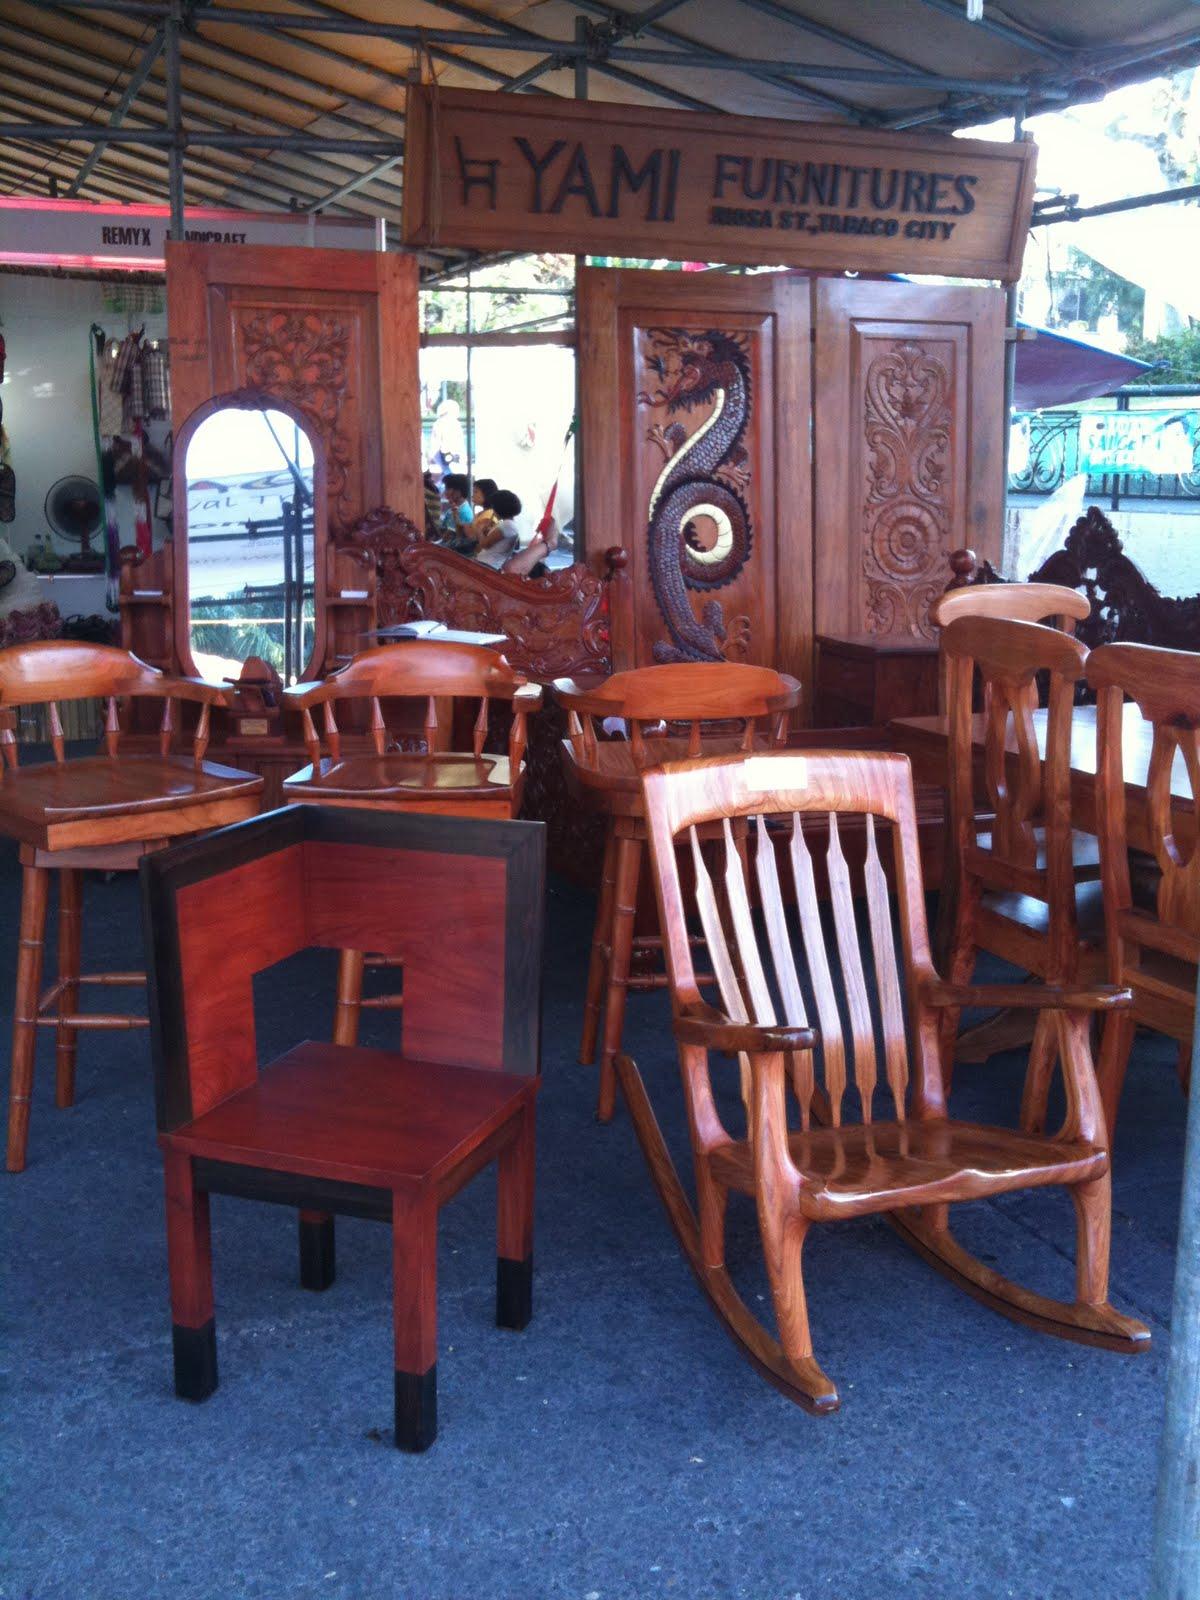 Yami Furnitures